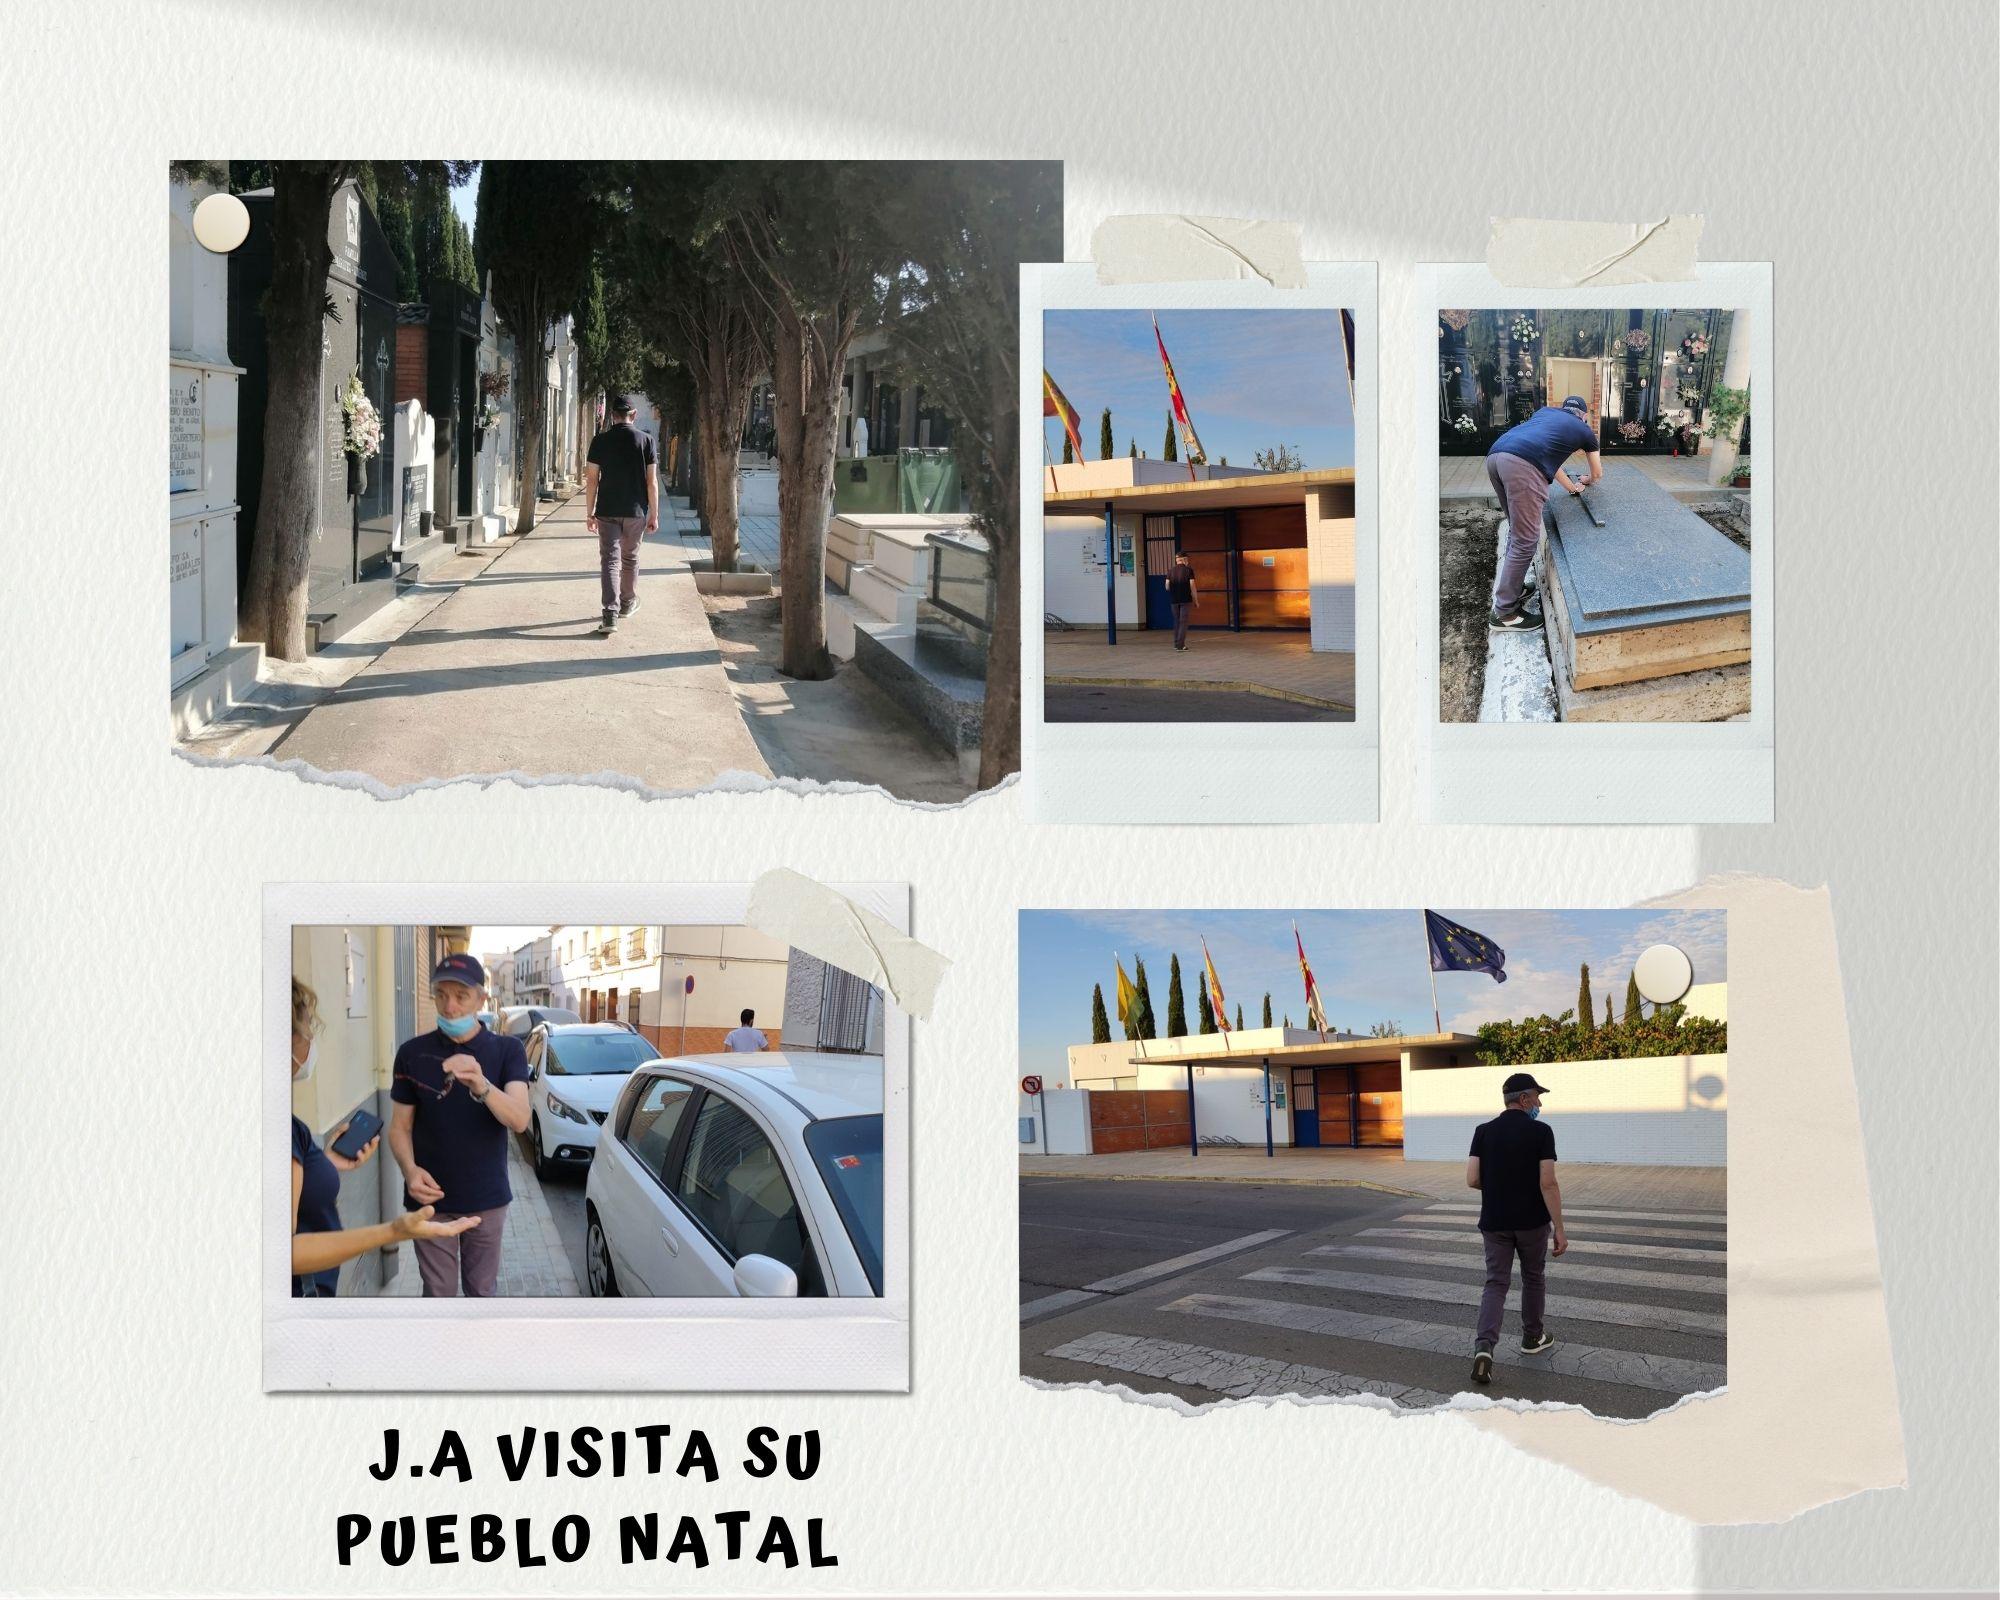 Collague fotos de la visita